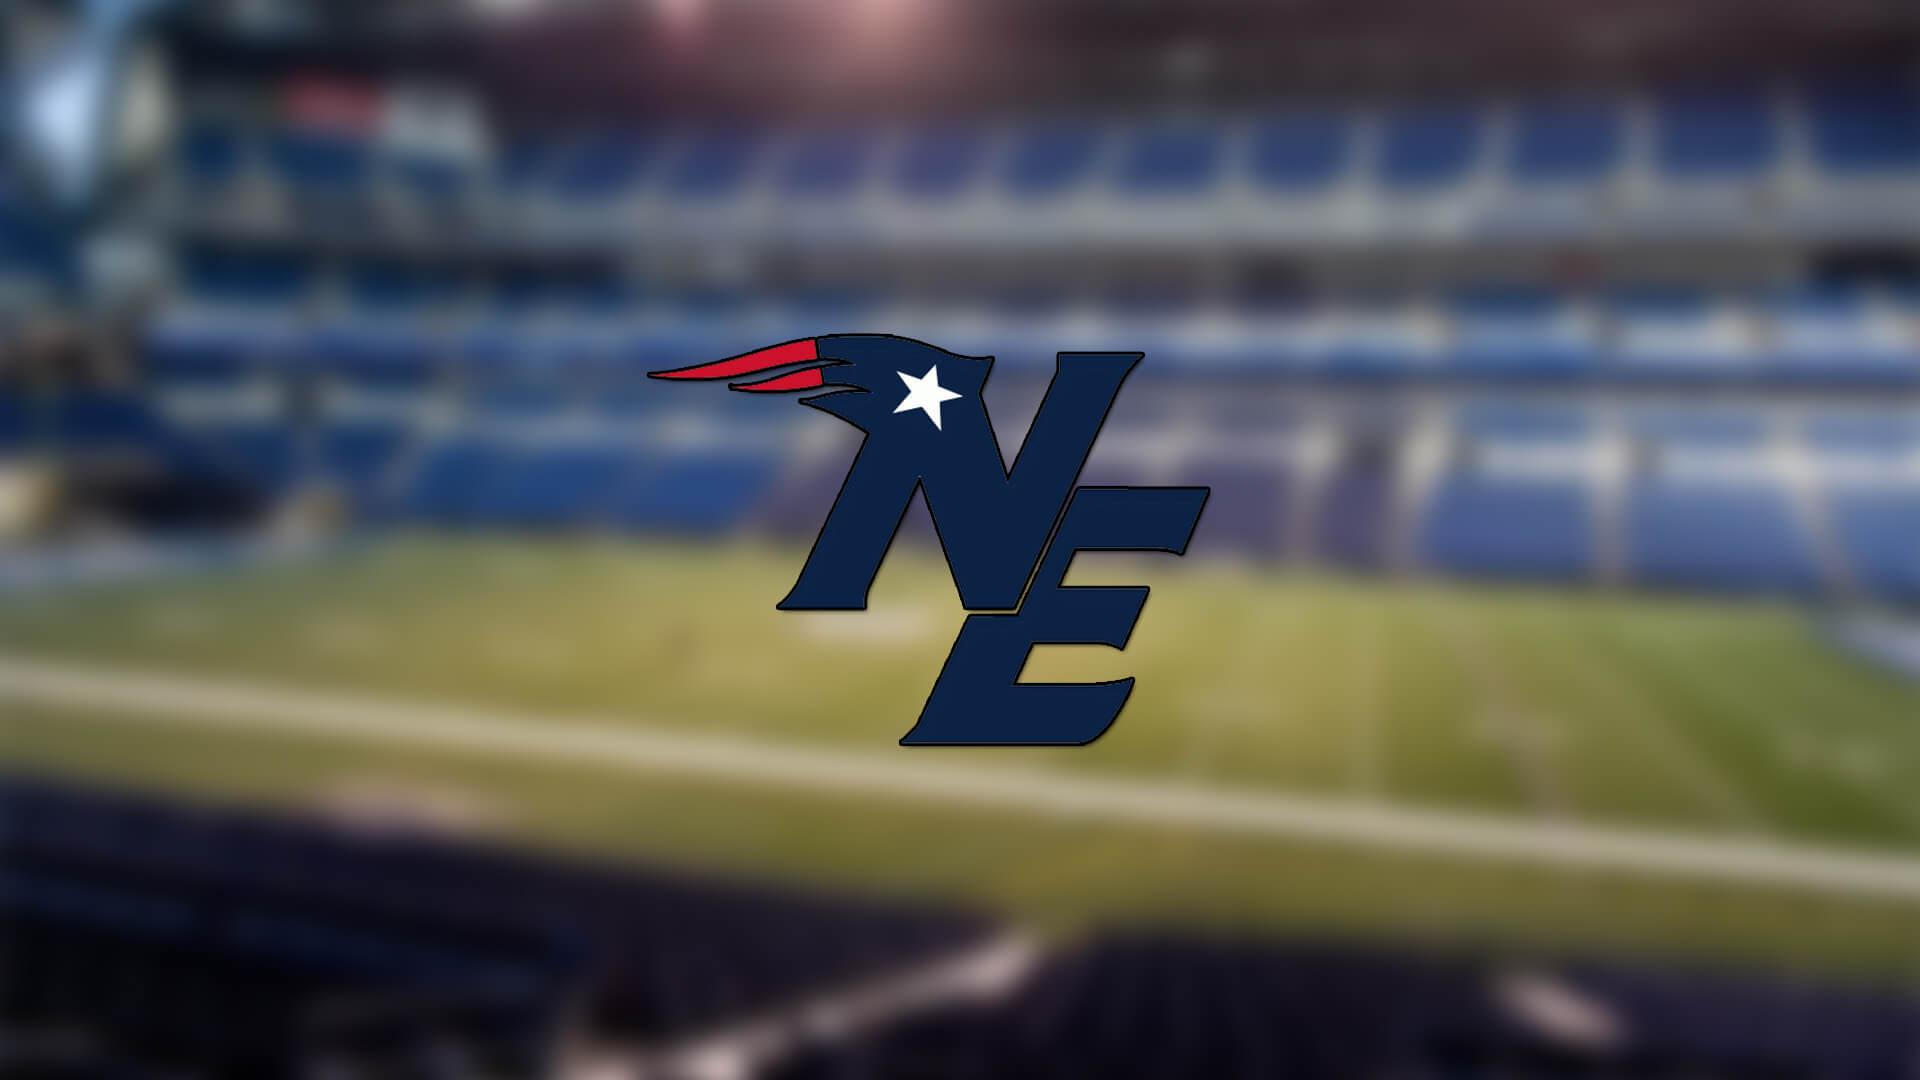 New England Patriots, Son Yapılan Testlerde Vaka Bildirmedi | Korumalı Futbol Türkiye